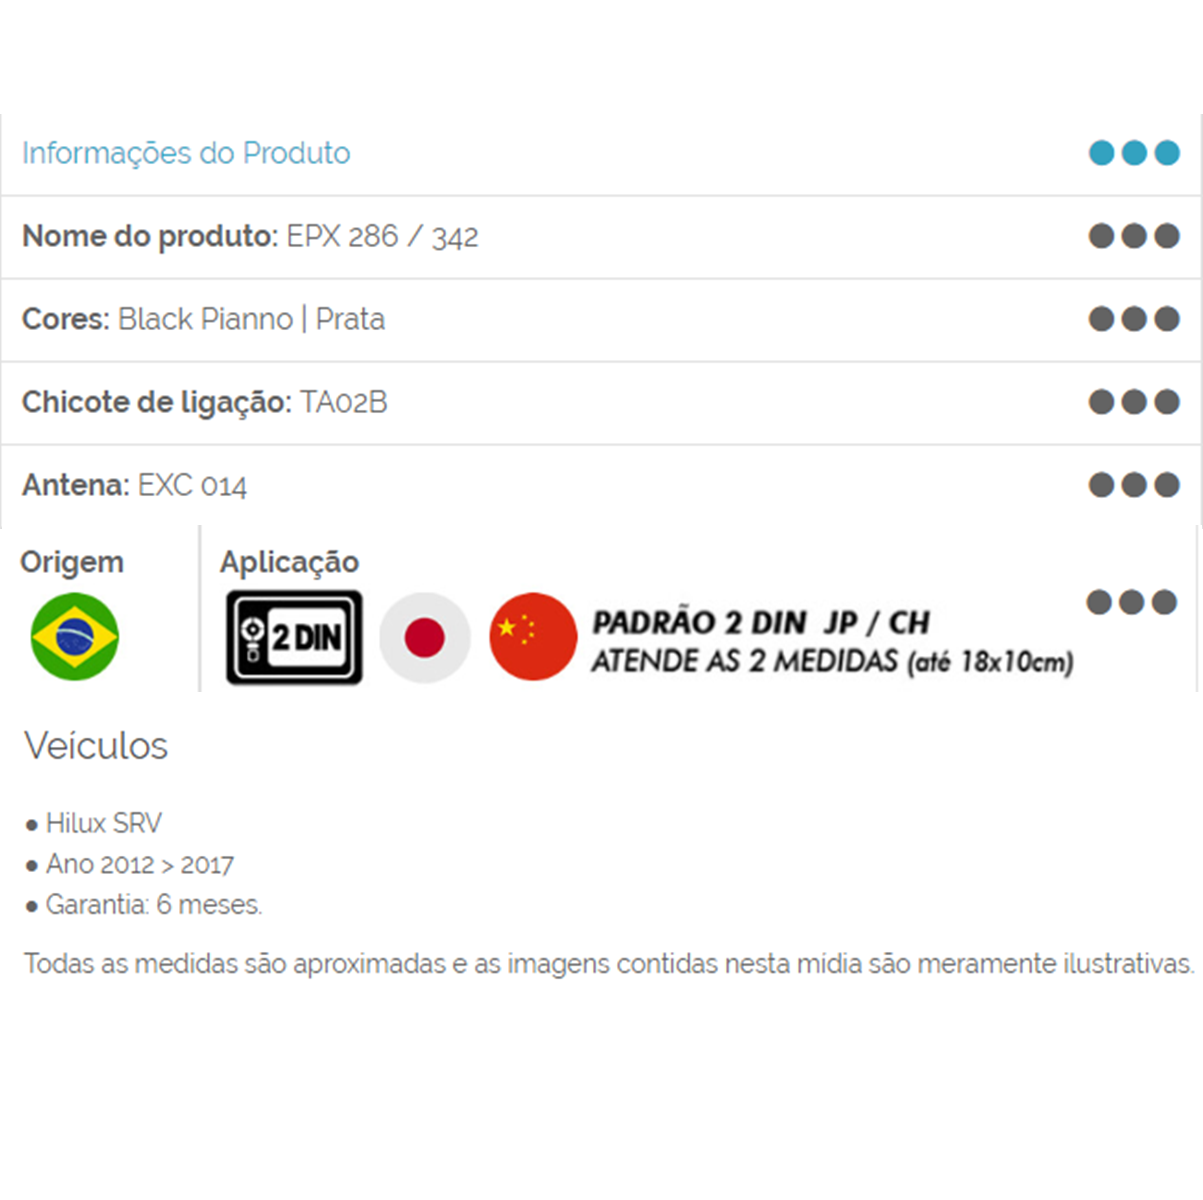 Moldura 2 Din Toyota Hilux/SRV 12/... Black Piano EPX342